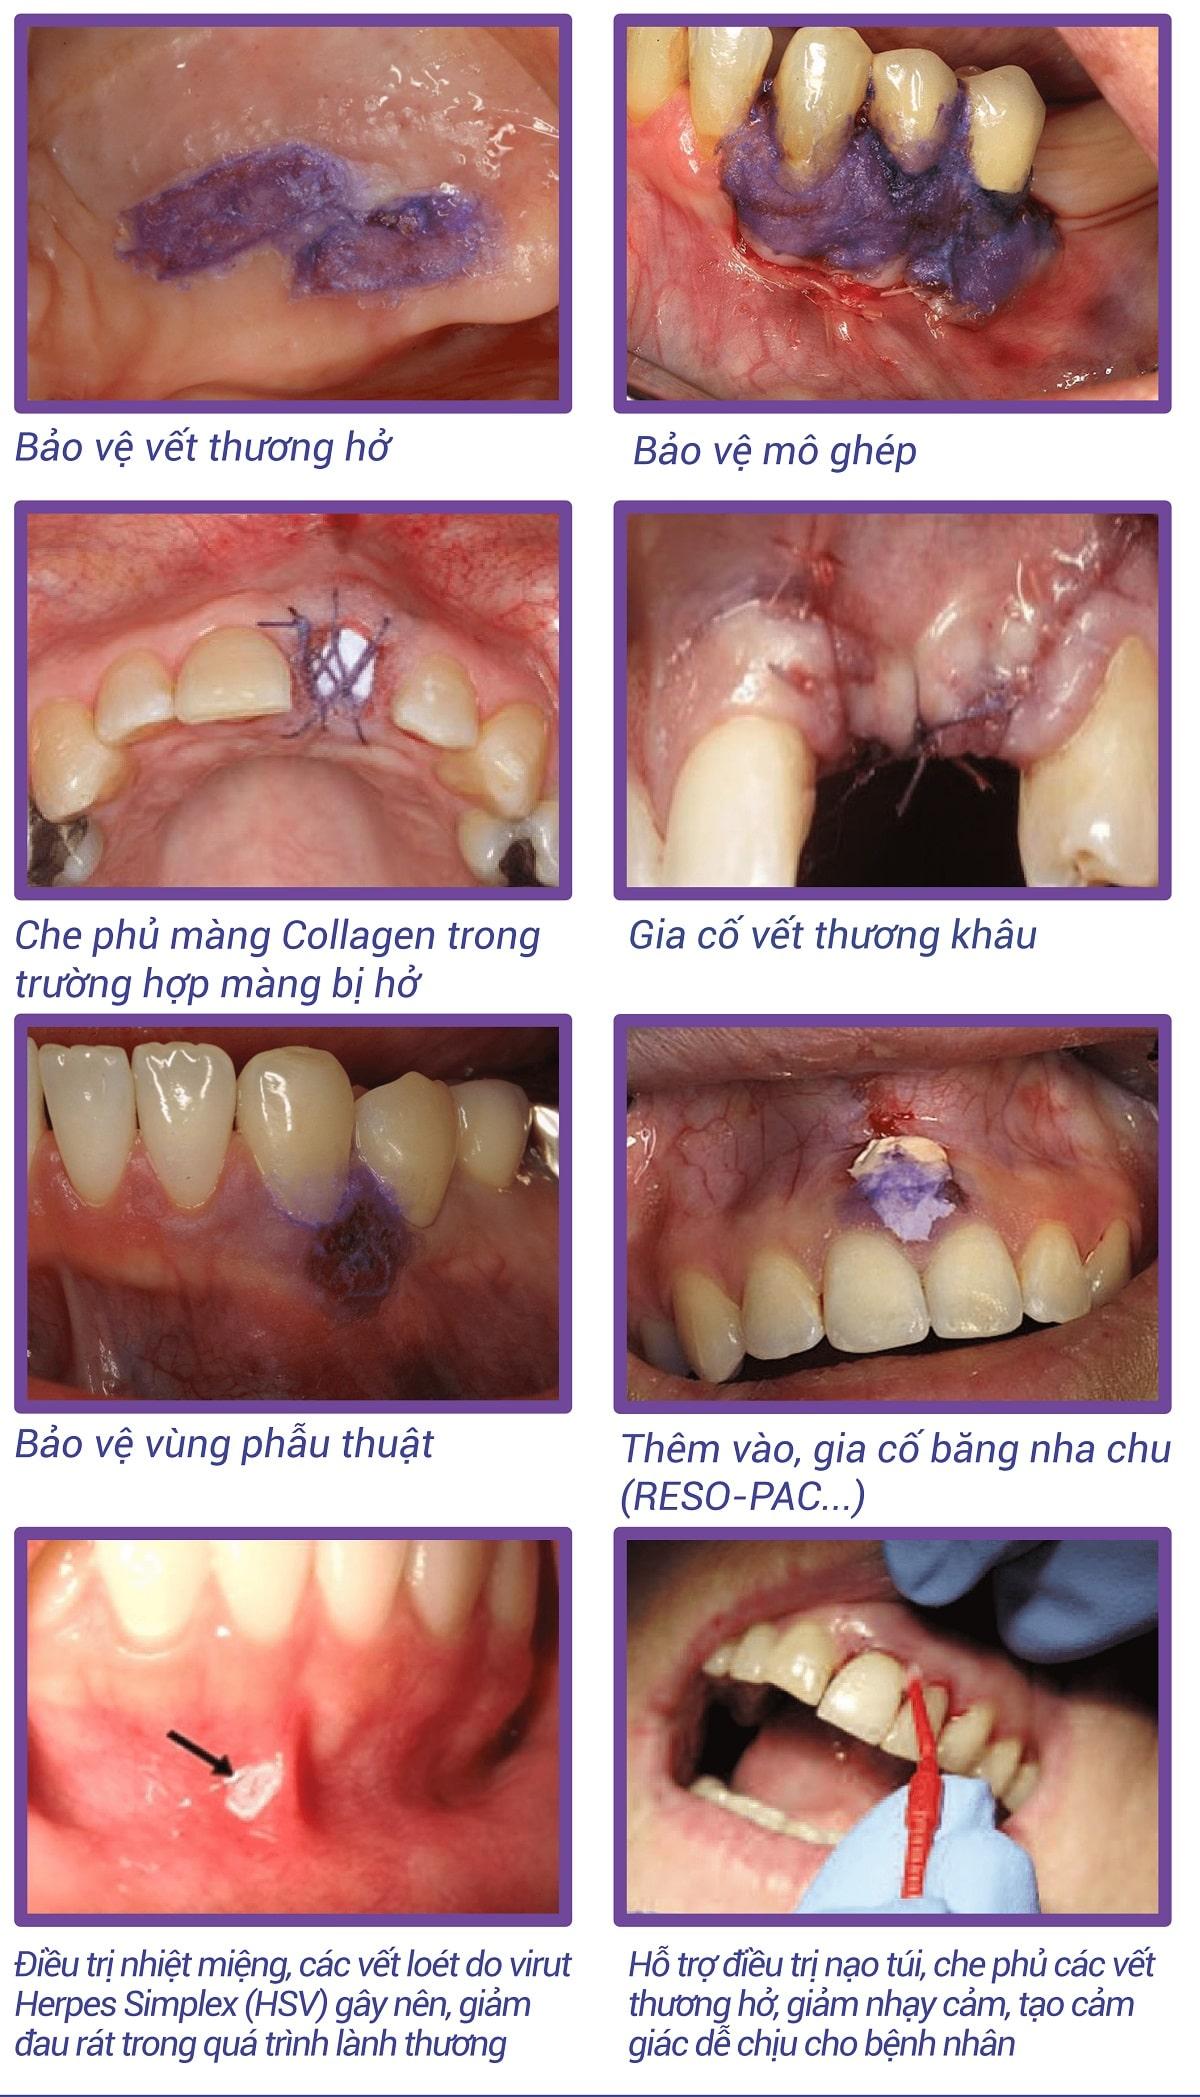 Chỉ định của keo dán phẫu thuật nha khoa PeryAcryl